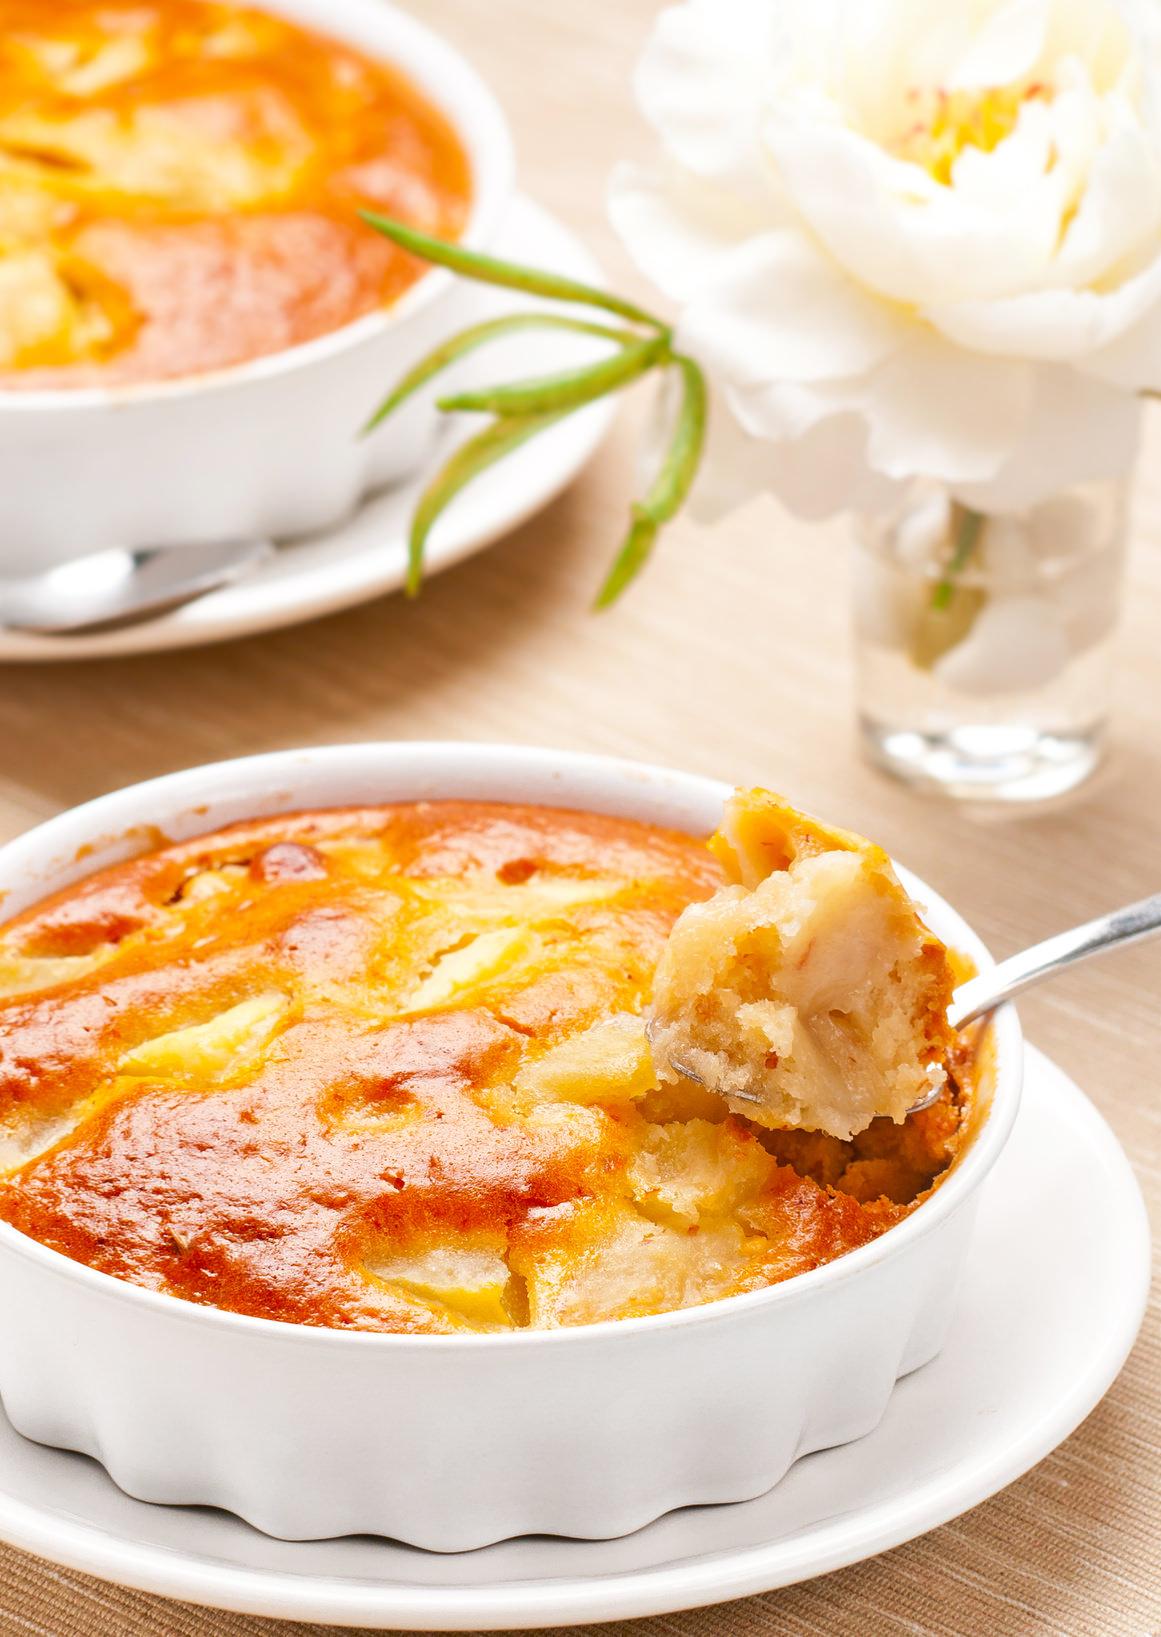 clafoutis pommes amandes un bon desserts d 39 automne d licieux ti de les recettes de cuisine et mets. Black Bedroom Furniture Sets. Home Design Ideas